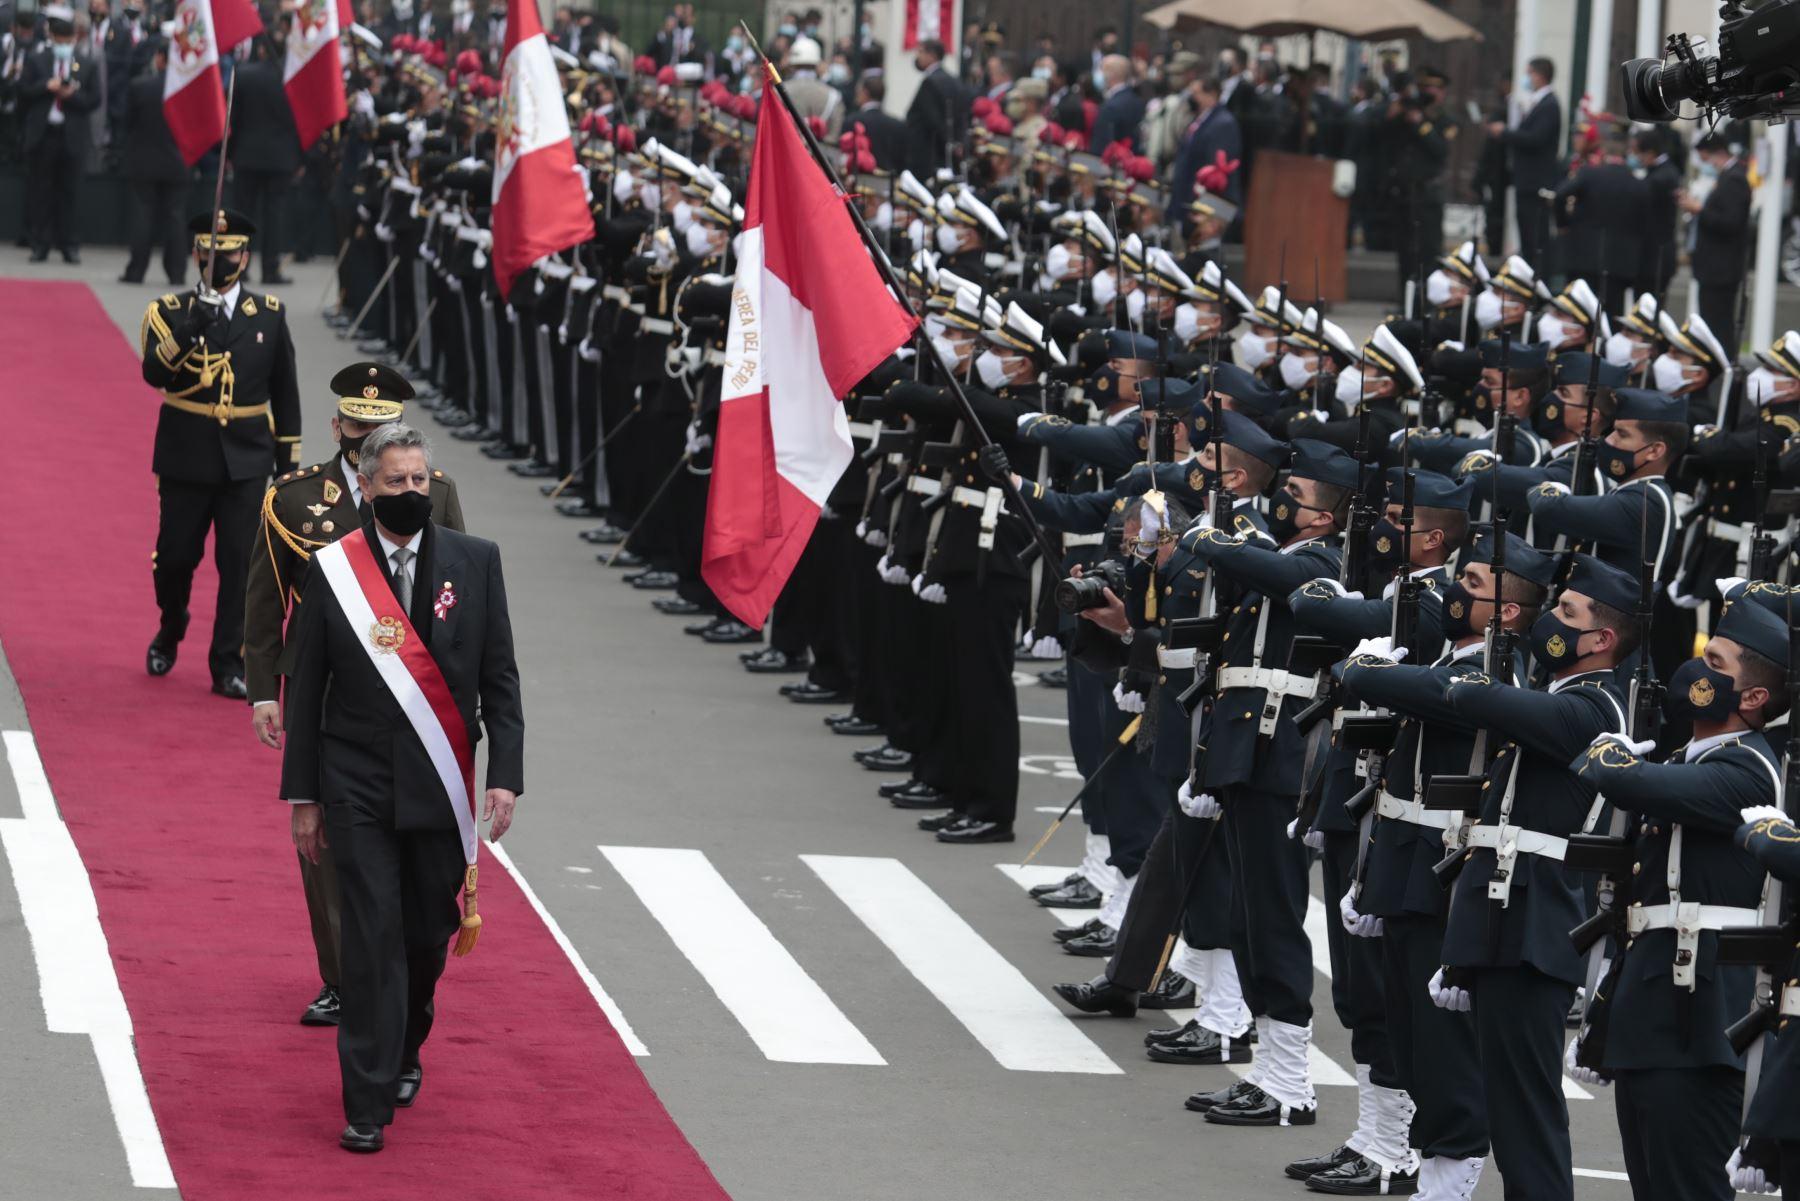 Presidente Francisco Sagasti entrega la banda presidencial en el Congreso de la República.  Foto: ANDINA/Renato Pajuelo